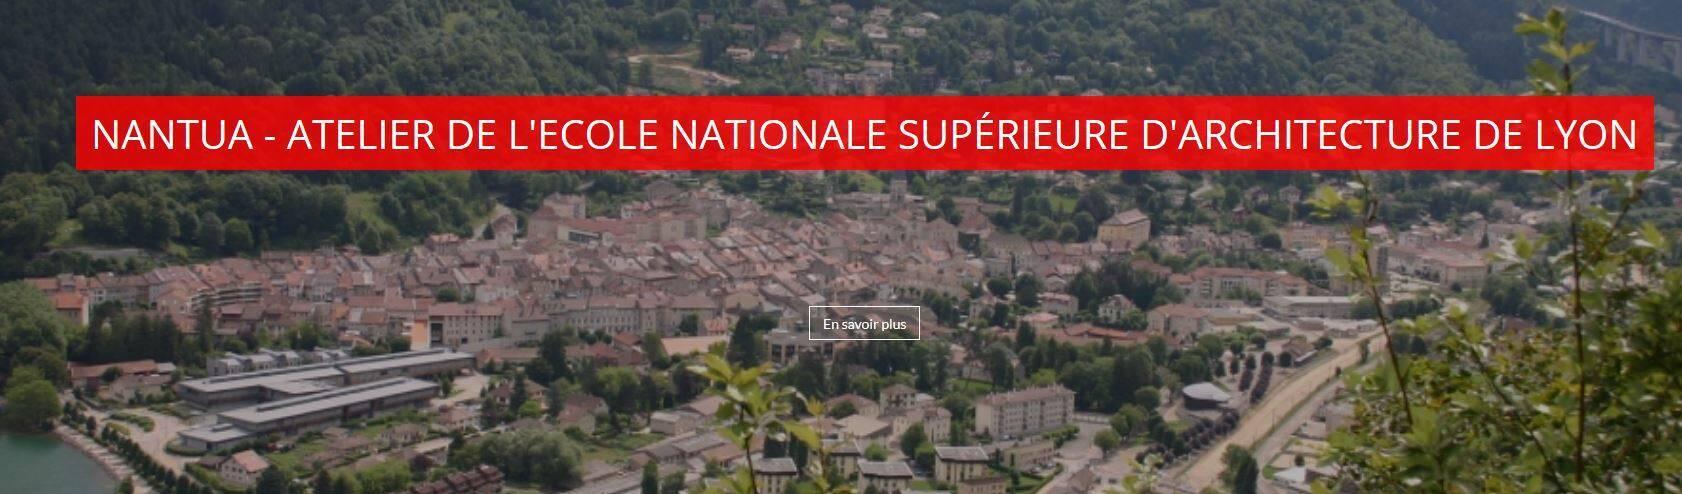 Nantua - projet ENSAL Centre bourg